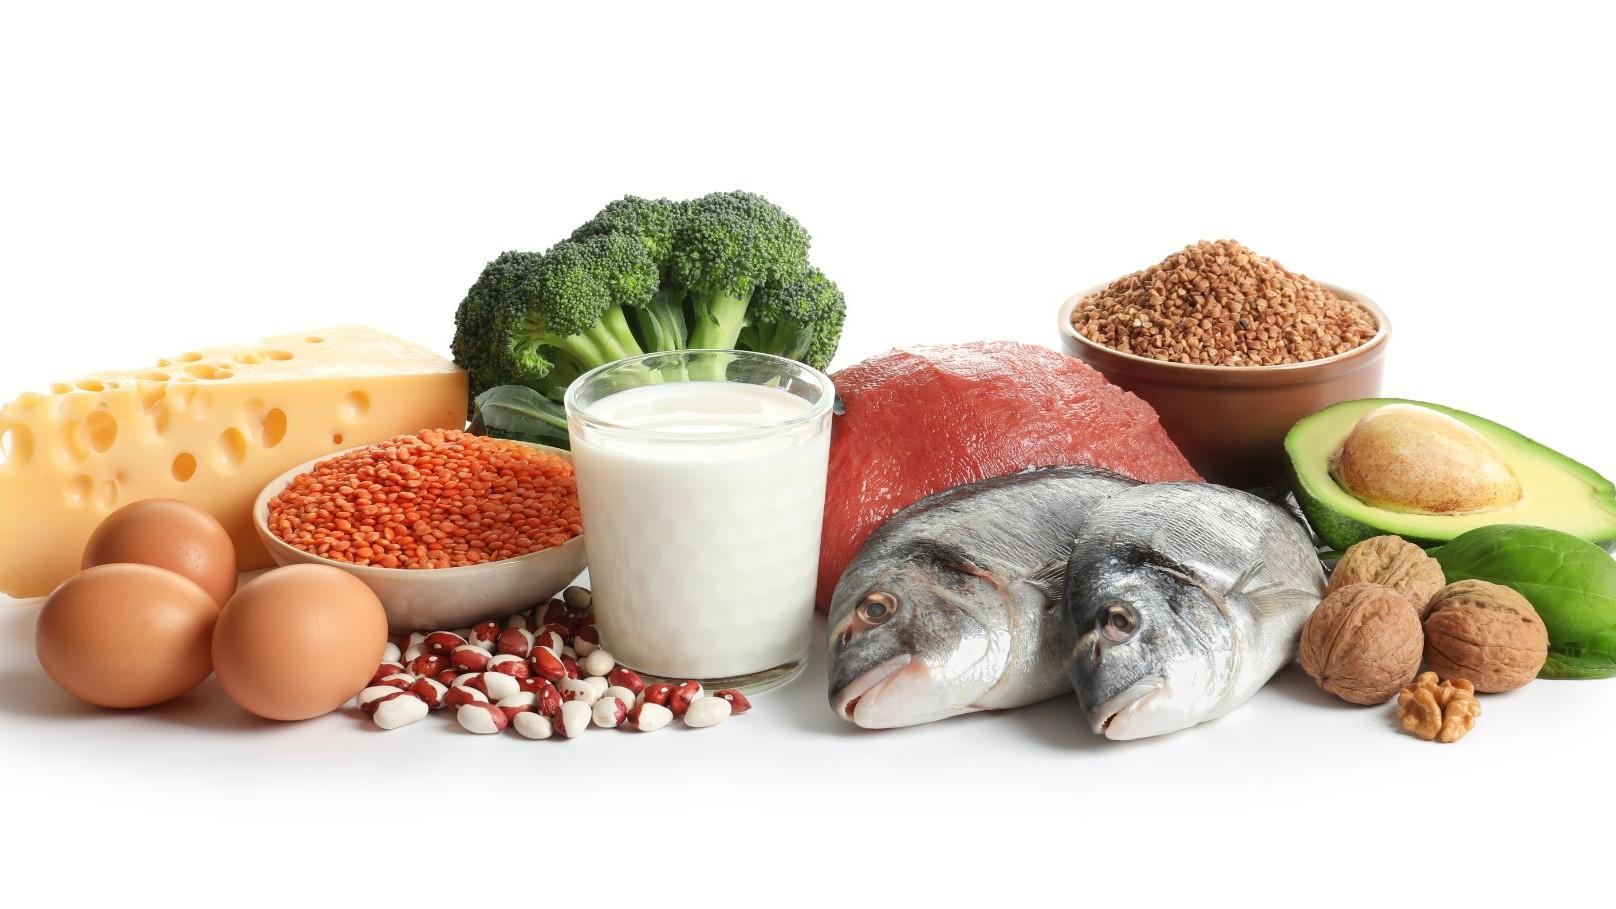 Représentation de la formation : COL02 - Diversifier les aliments sources de protéines pour végétaliser vos menus